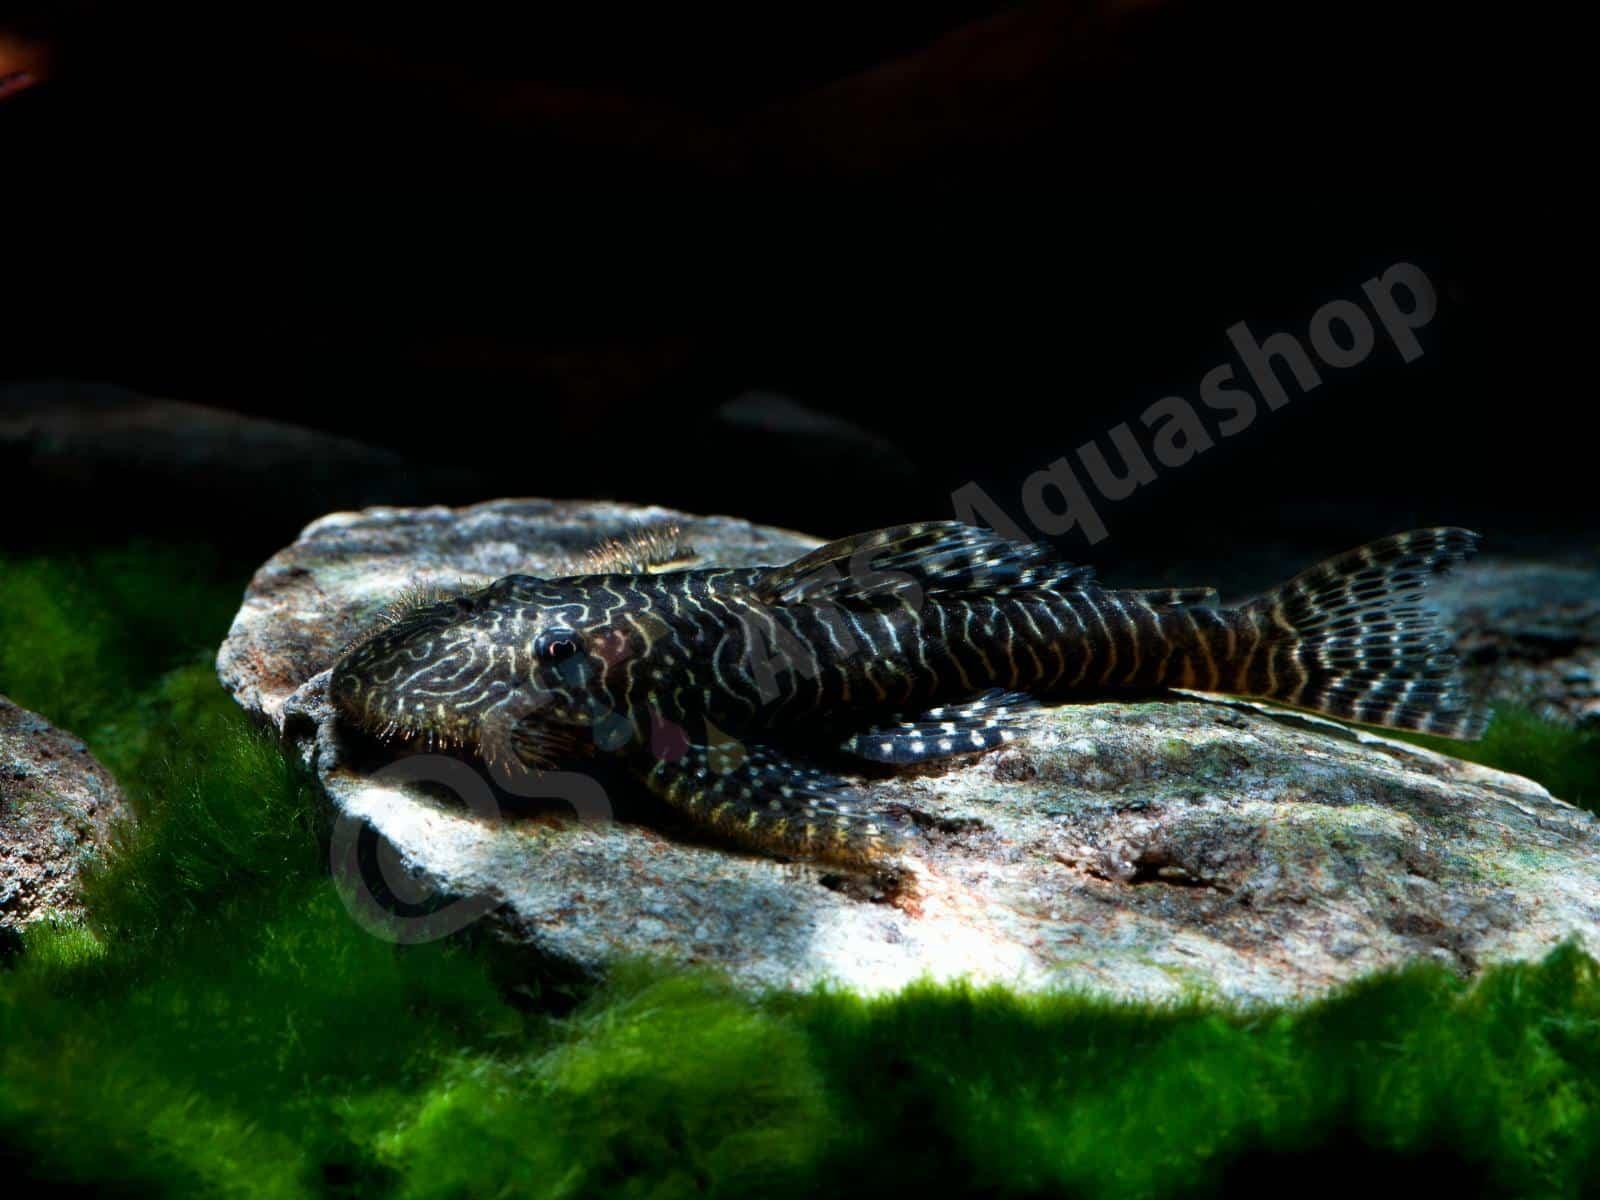 pseudolithoxus tigris l 257 enrico richter 0096 7